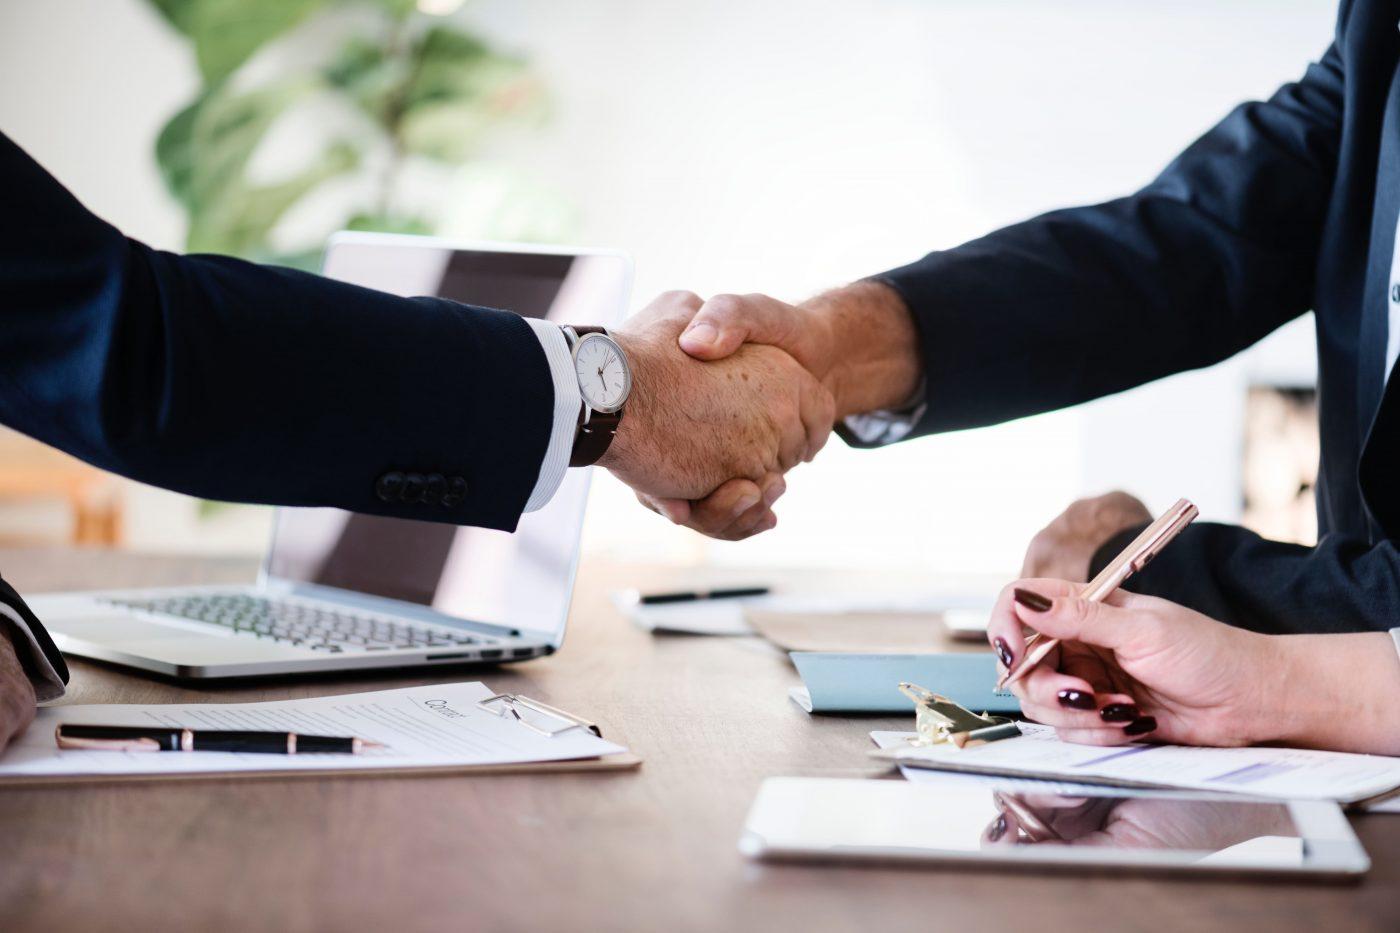 また、GCPスタッフが投資先企業の社外取締役に就任して行う、経営のサポート(ランサーズ株式会社社外取締役にパートナー高宮慎一氏、株式会社ヤプリ社外取締役にパートナー今野穰氏など)や、IPOに向けた資本政策などあり、アーリーステージのスタートアップには特に恩恵が大きい。